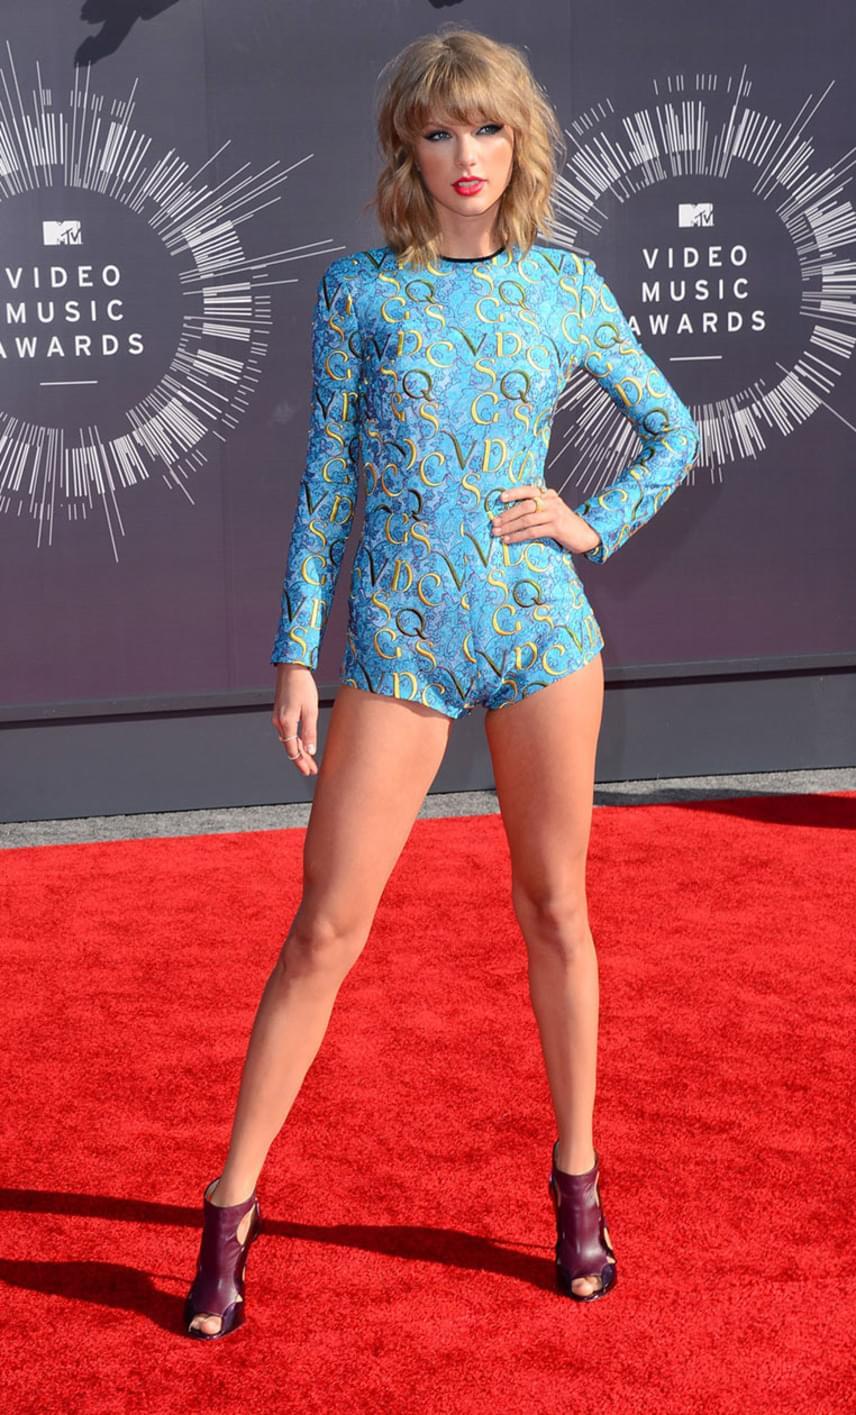 Ez a kép a 2014-es MTV Music Video Awards-on készült róla. A különbség kétségkívül feltűnő, nem csoda, hogy mindenki jócskán össze is van zavarodva.